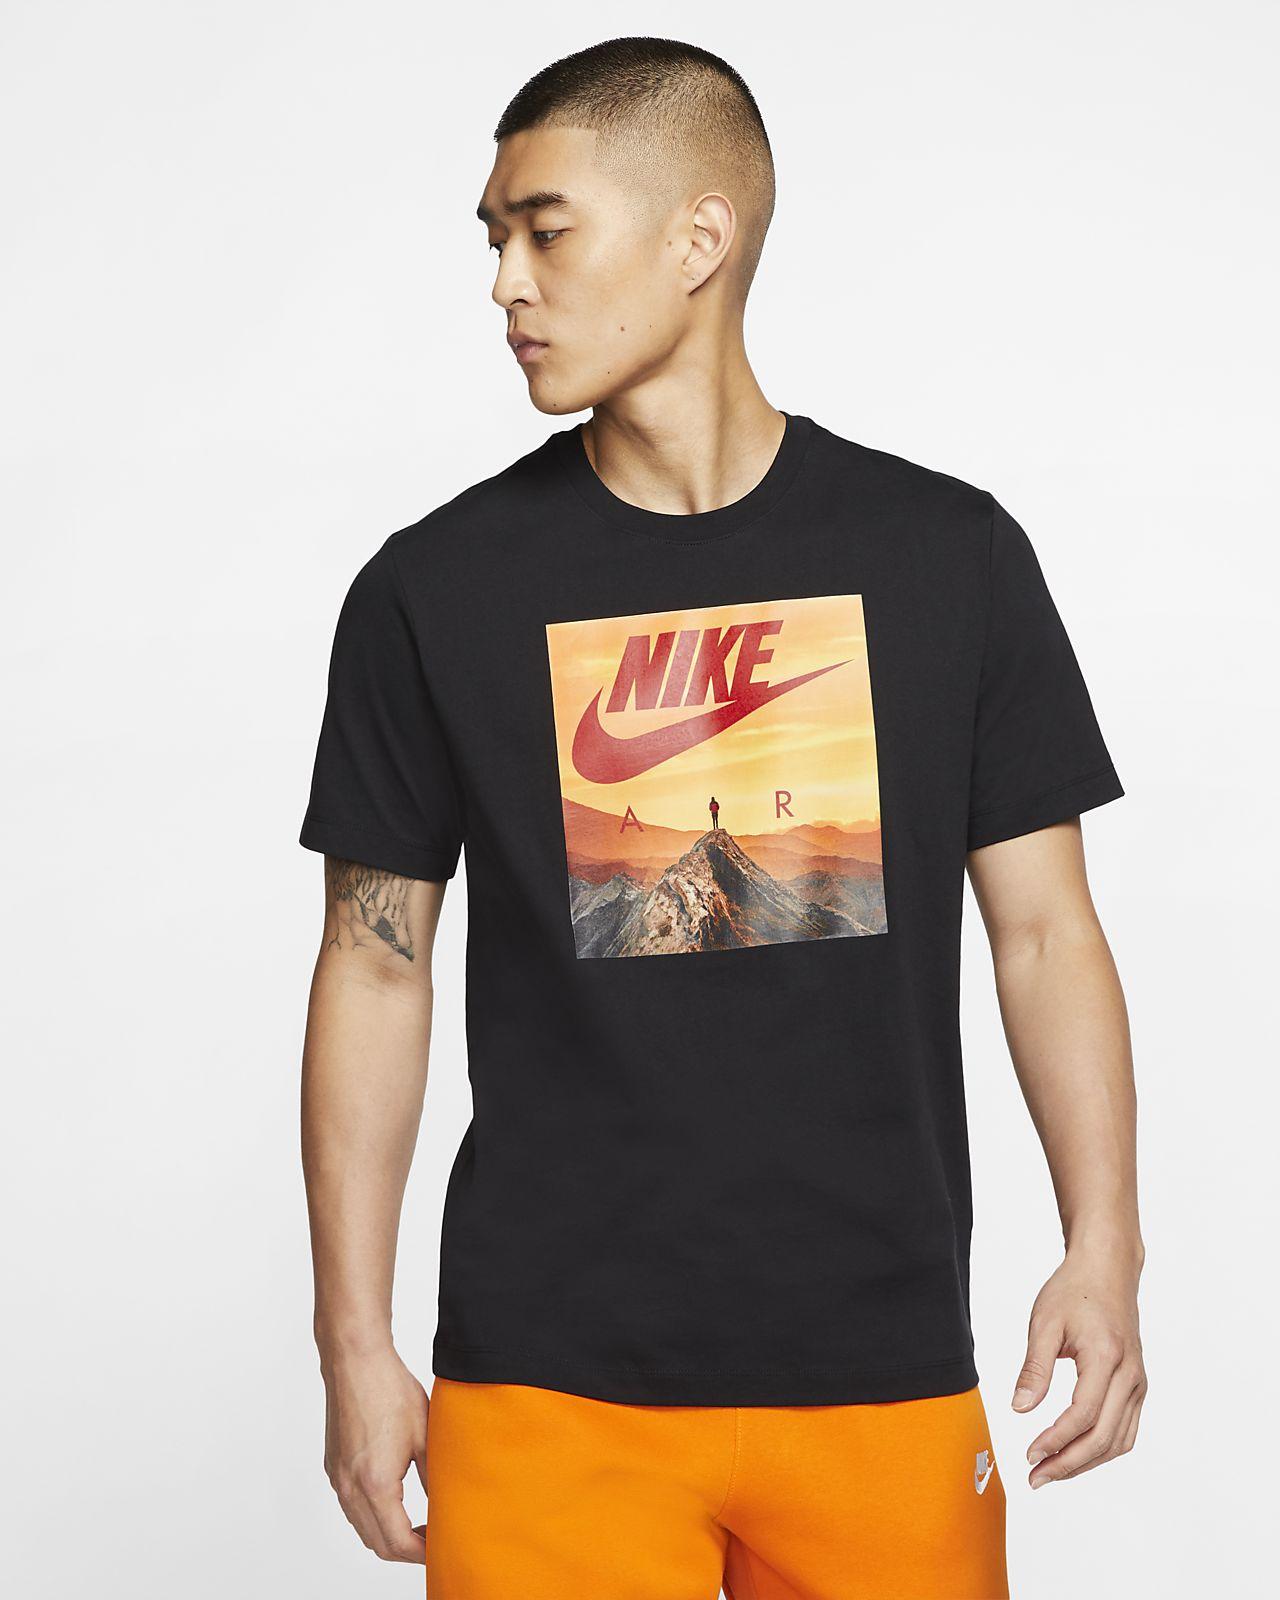 Nike Air 男款 T 恤